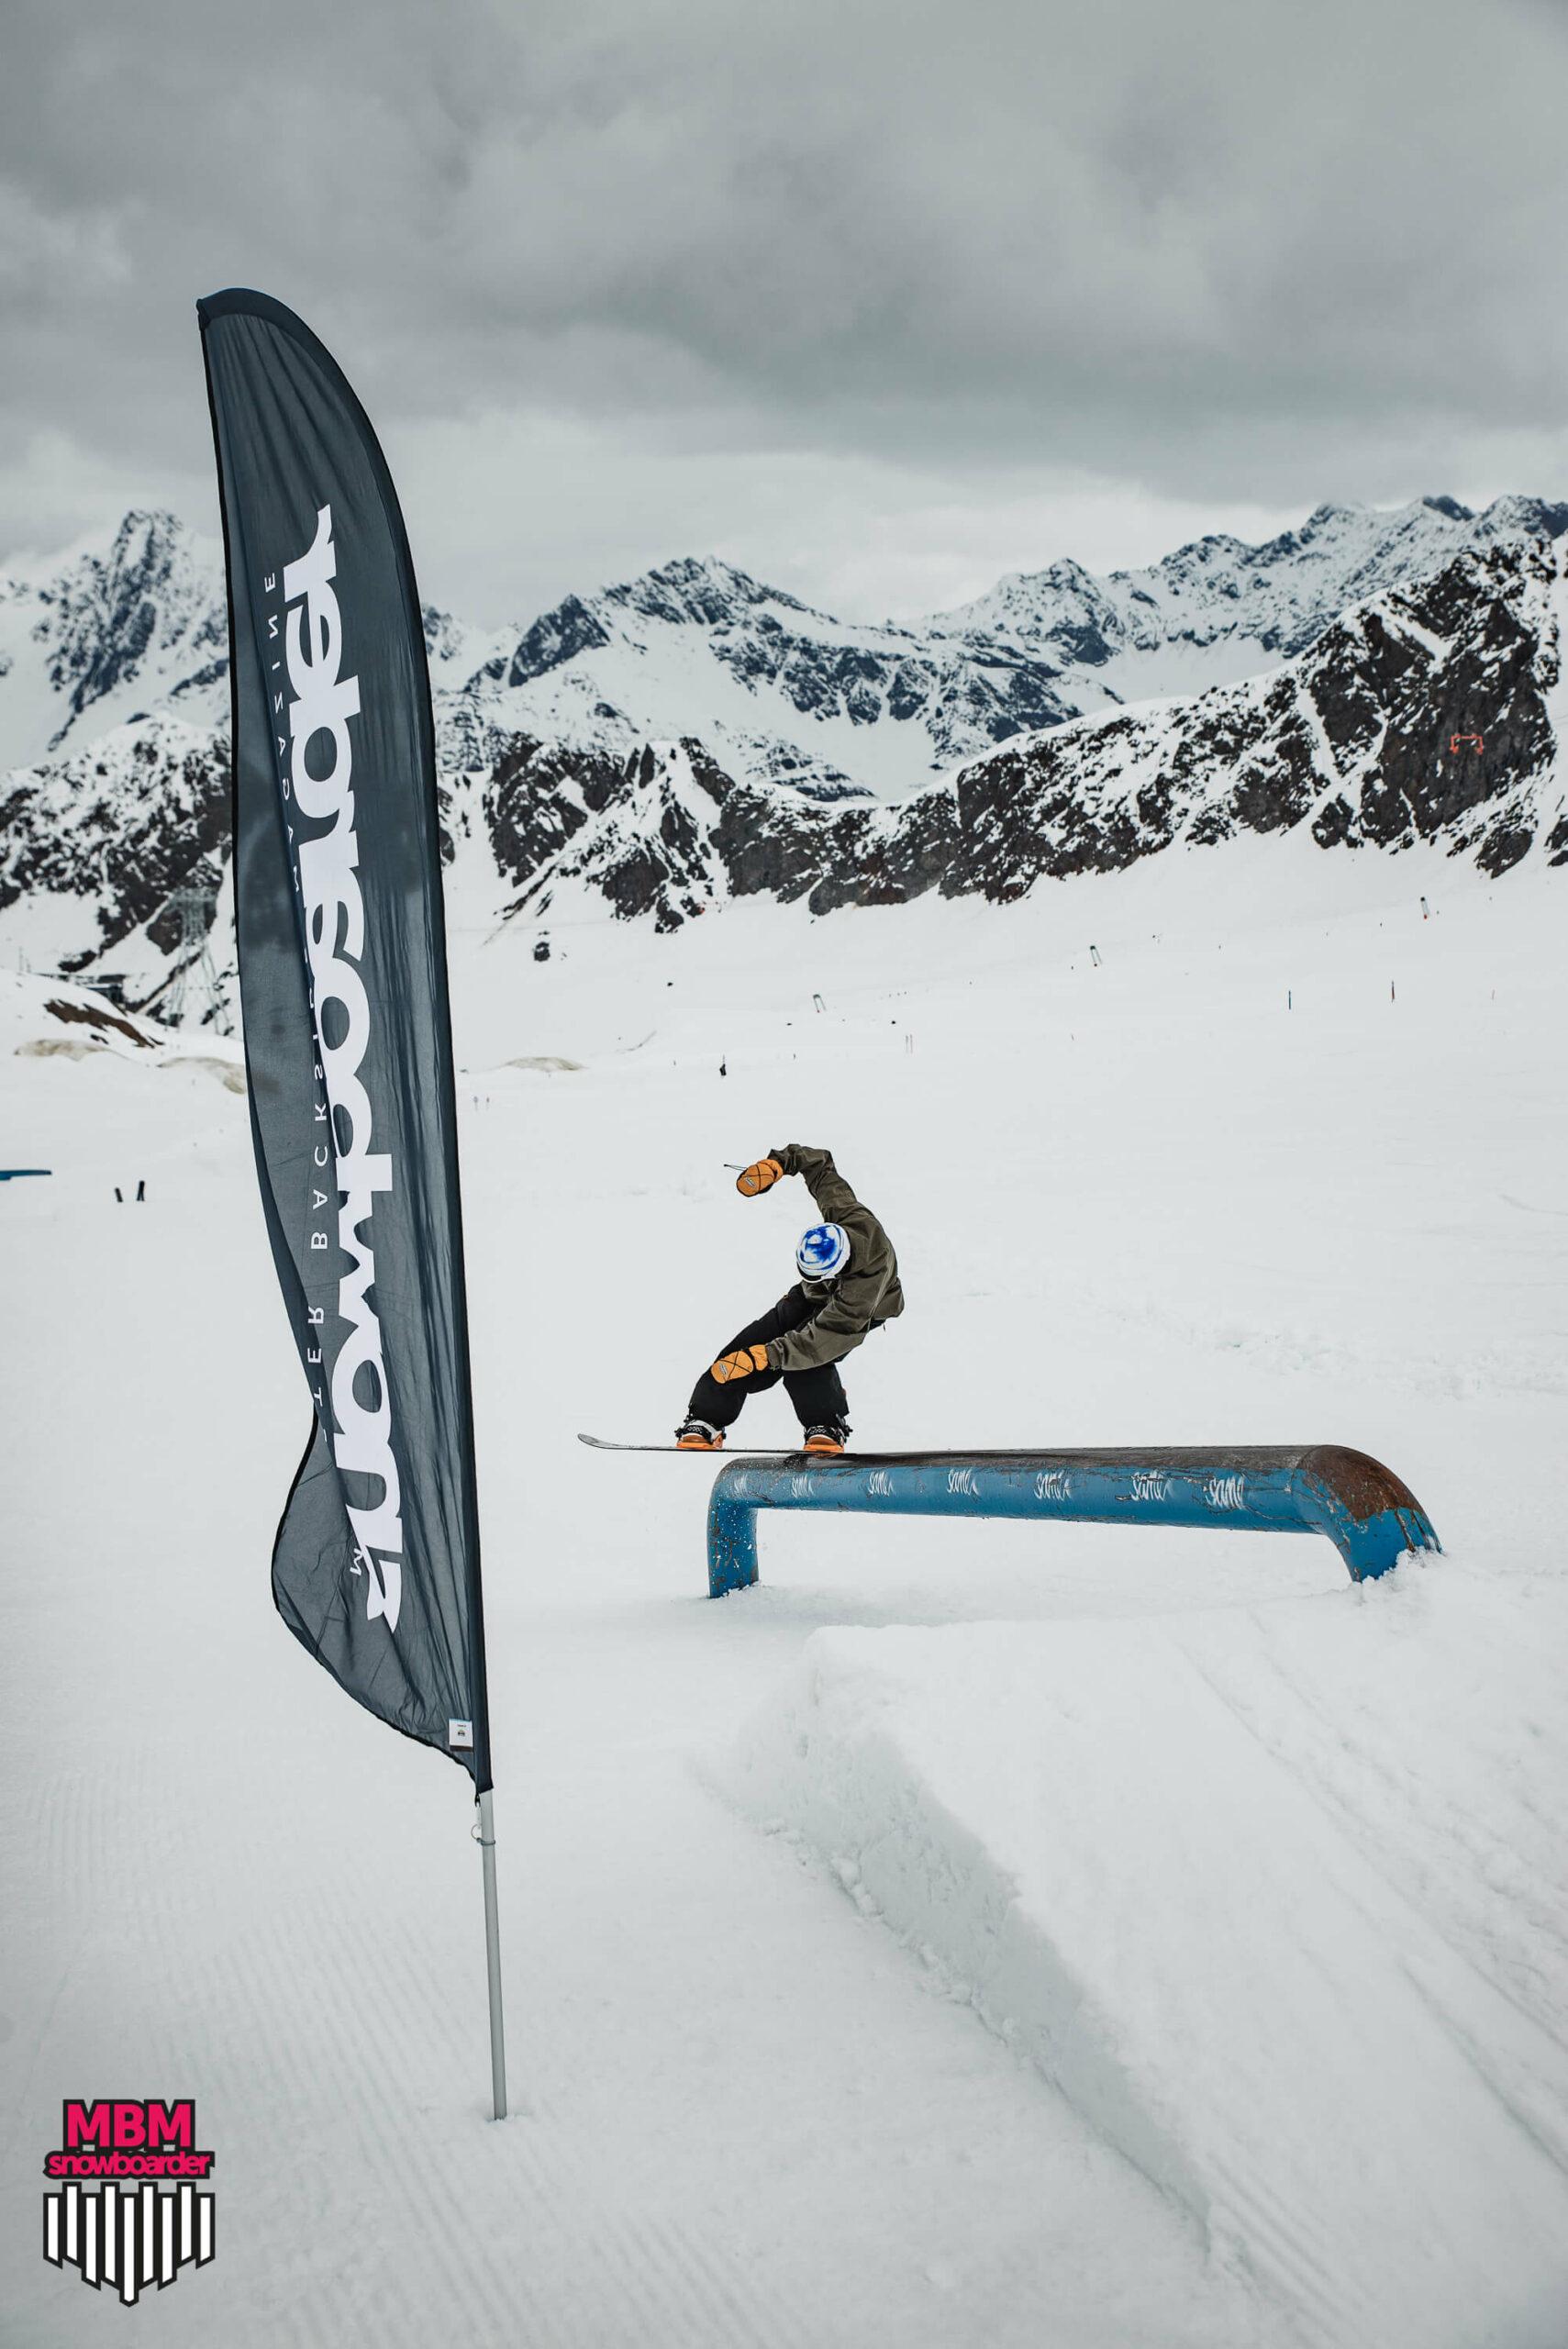 snowboarderMBM_sd_kaunertal_065